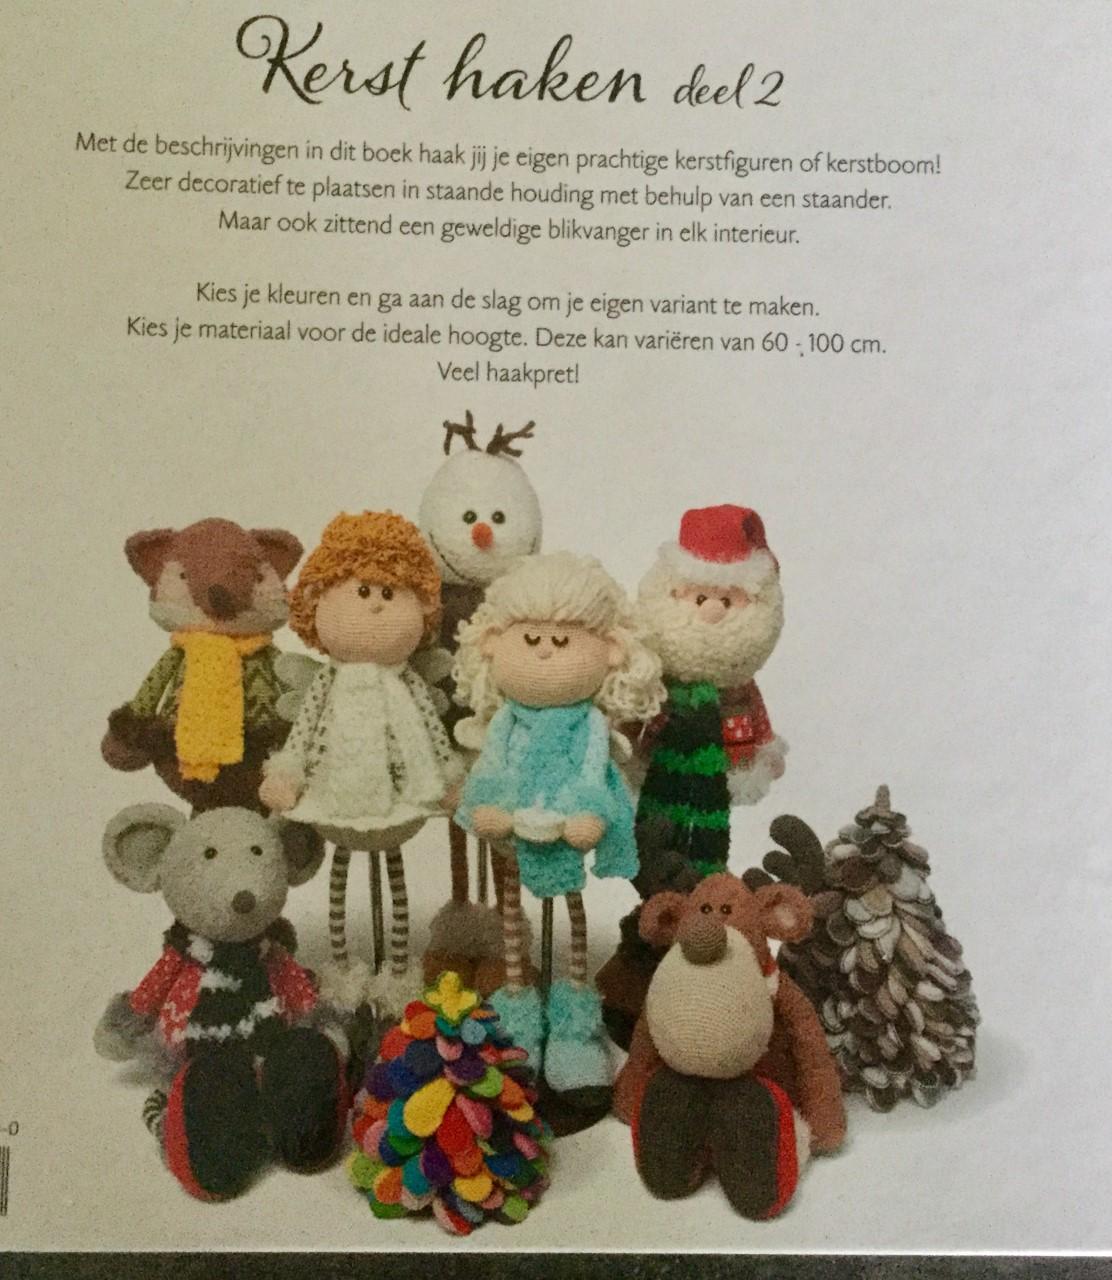 Marijke Made Kerst Haken Deel 2